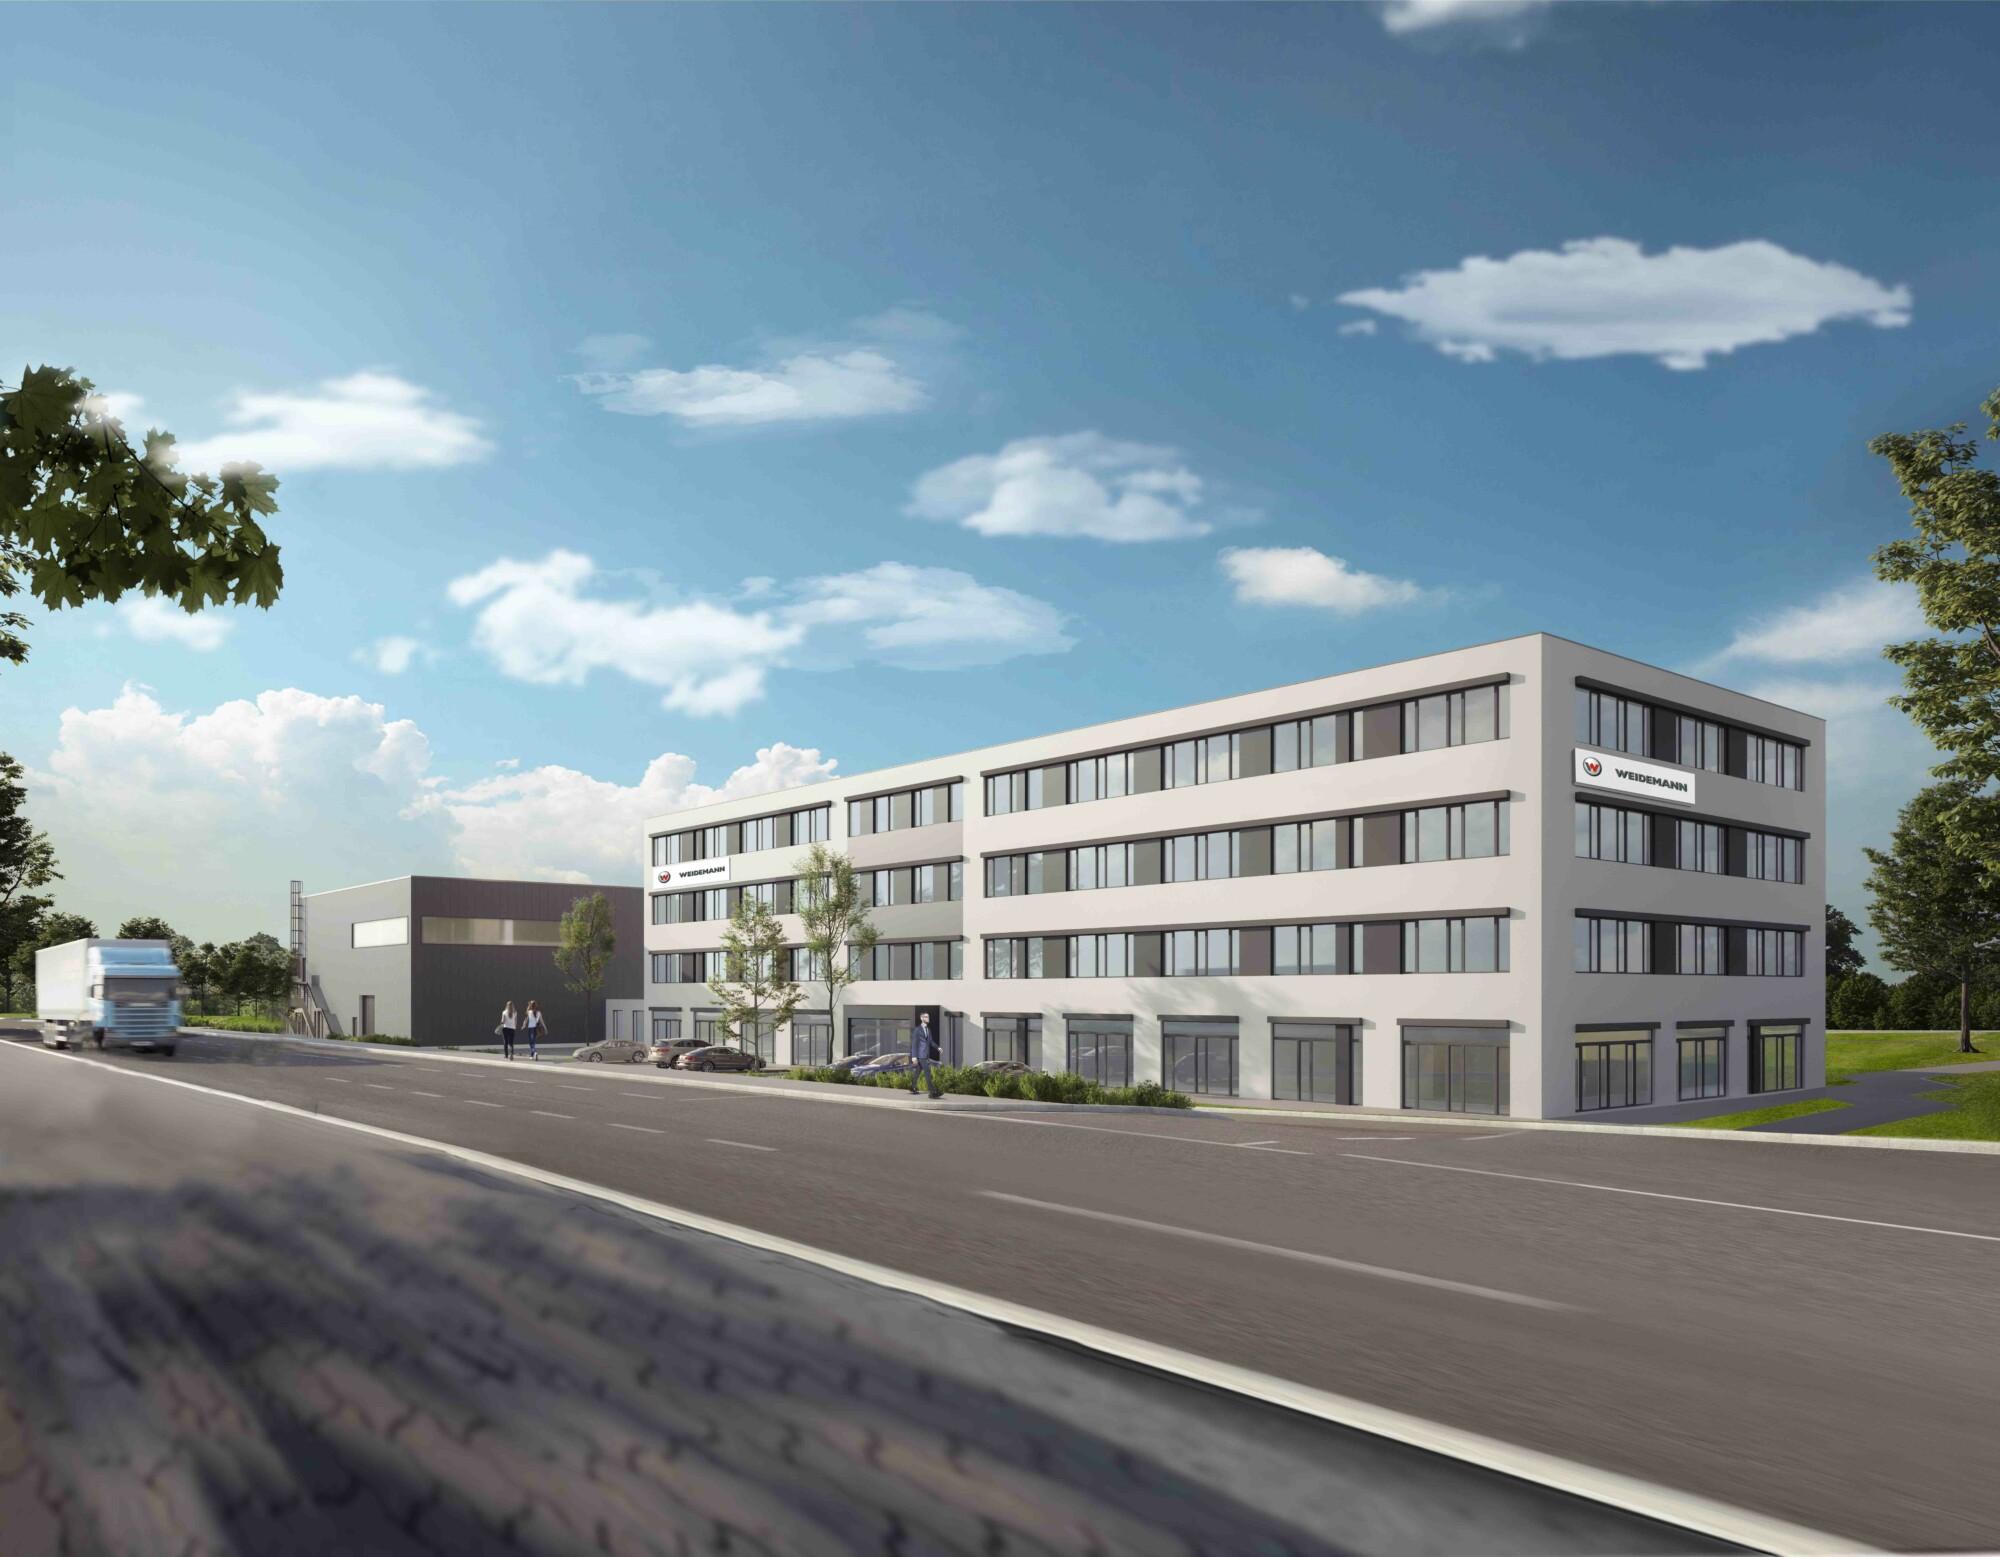 Weidemann GmbH new building.